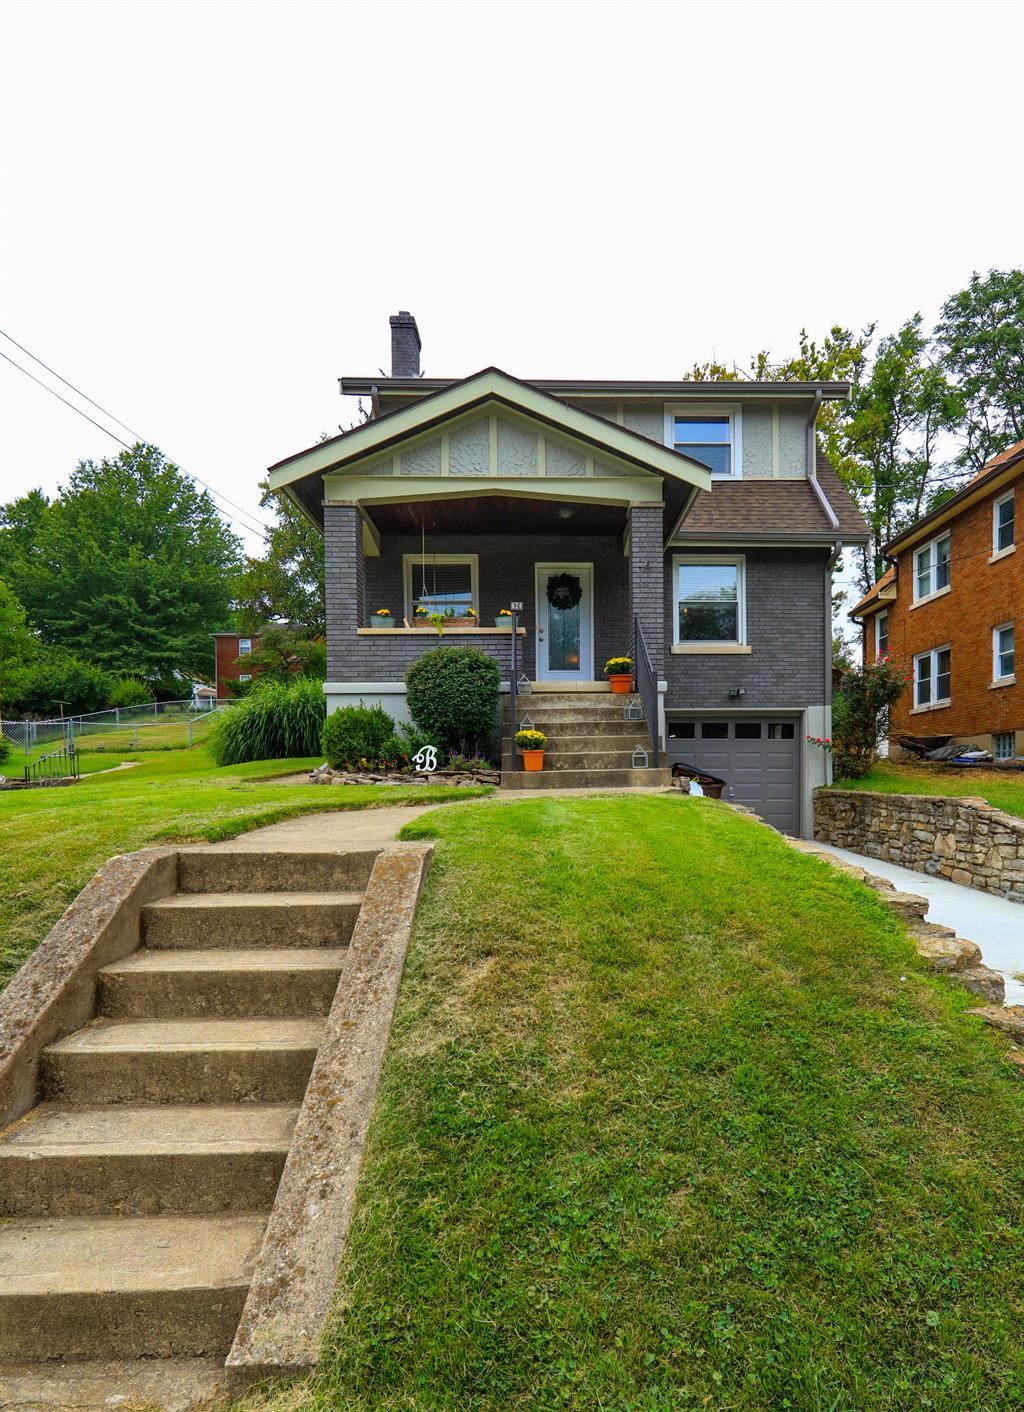 Exterior (Main) 2 for 824 Aberdeen Rd Park Hills, KY 41011